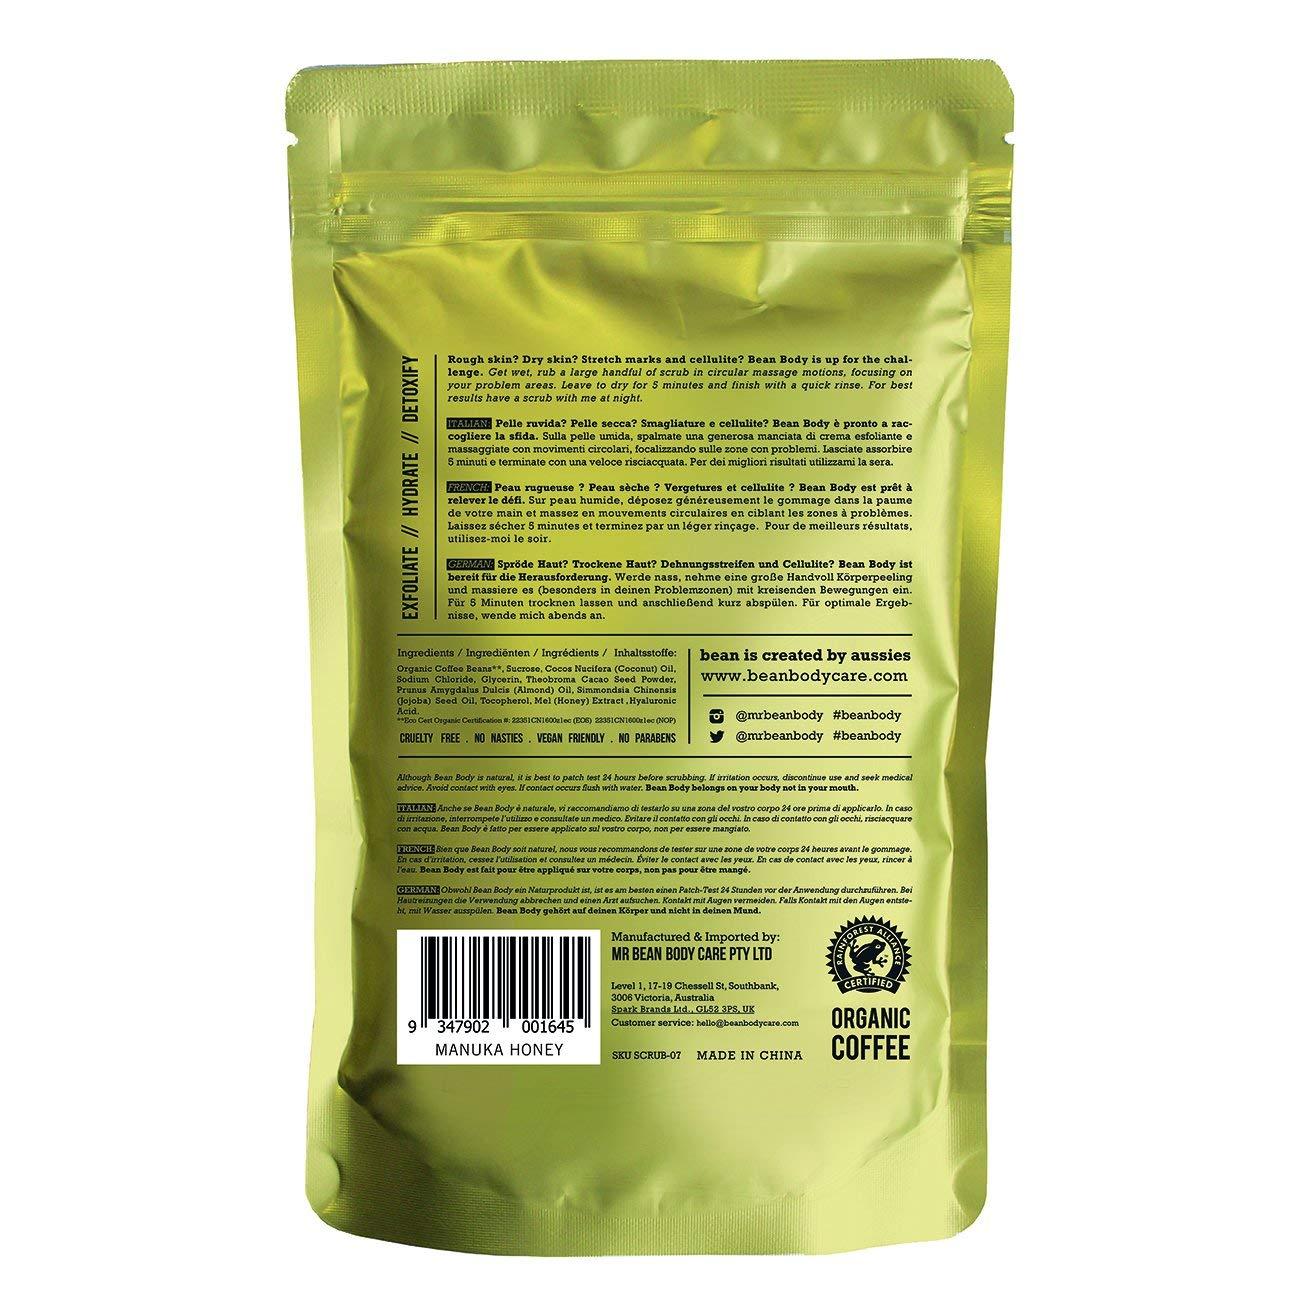 Chăm sóc cơ thể hữu cơ. Bean * hạt cà phê dẫn dầu dừa dầu vitamin E Sea Salt và cacao – caffeine sừn